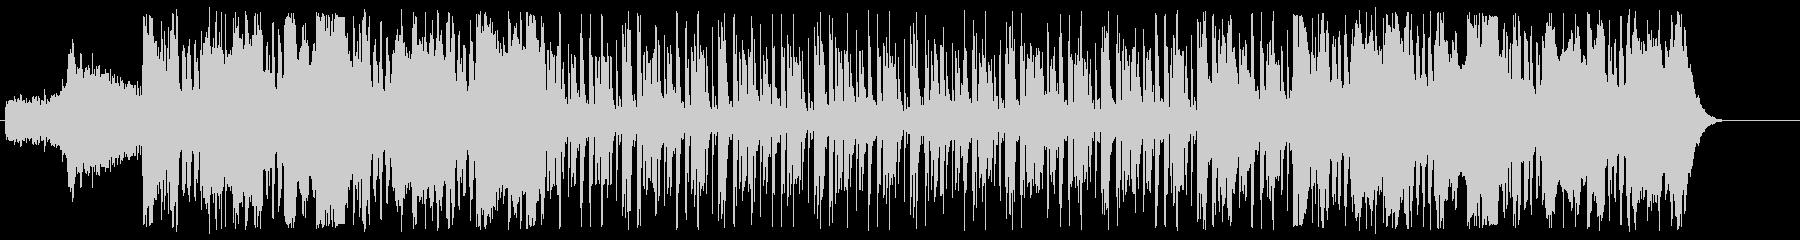 インパクトのある盛大なBGMの未再生の波形